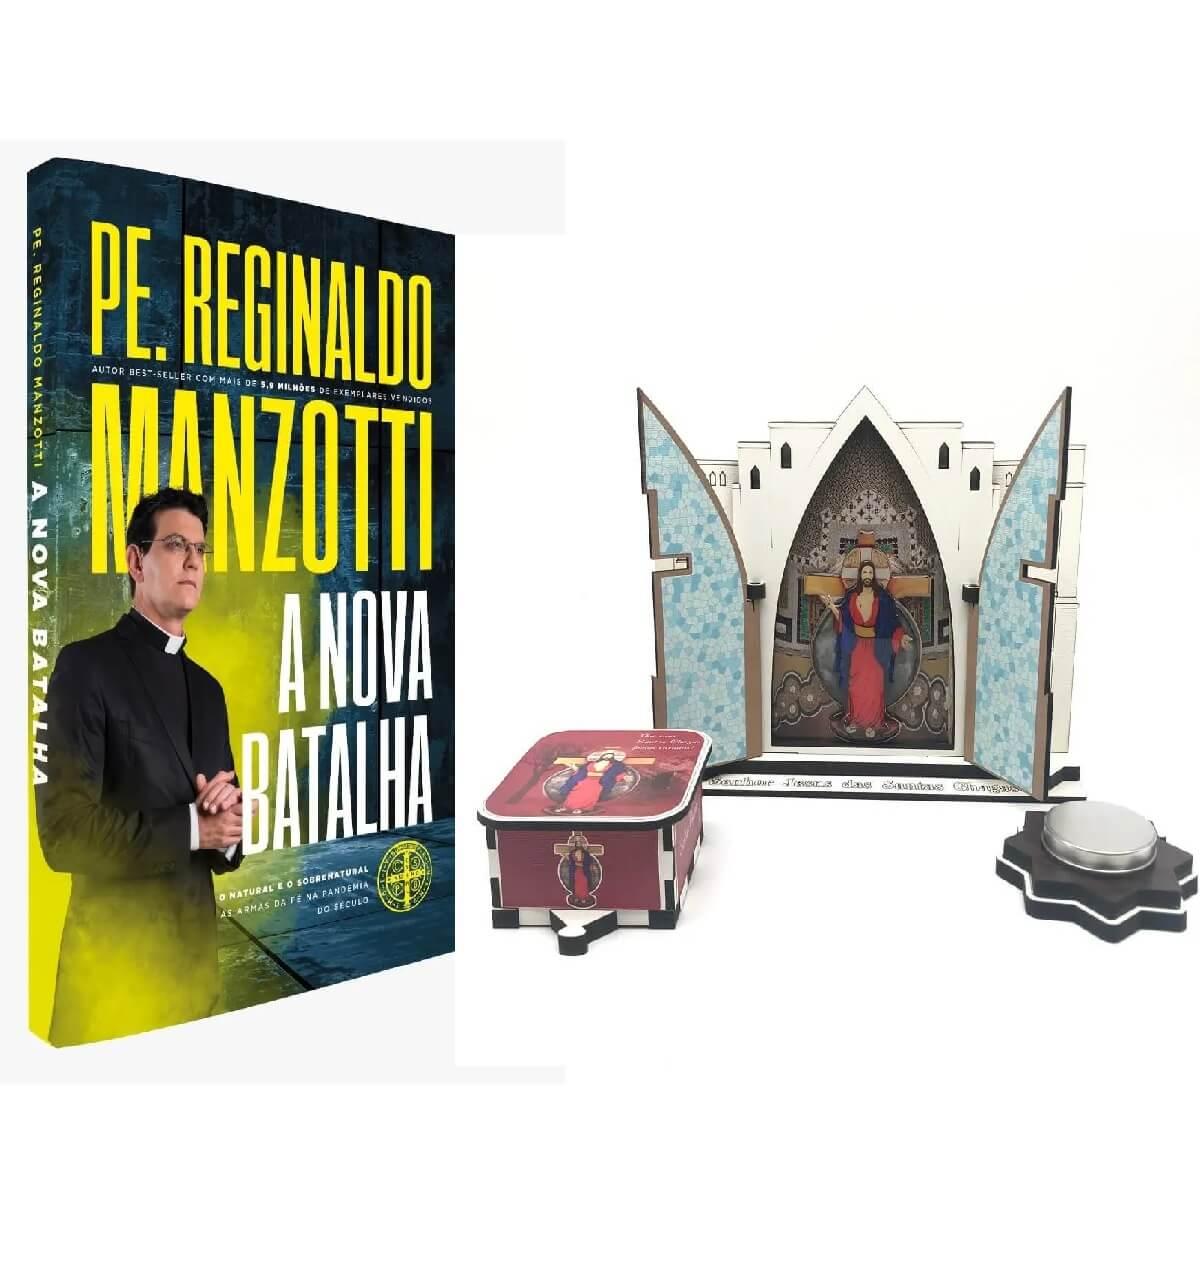 Kit Livro A Nova Batalha E Oratório Das Santas Chagas - Padre Reginaldo Manzotti